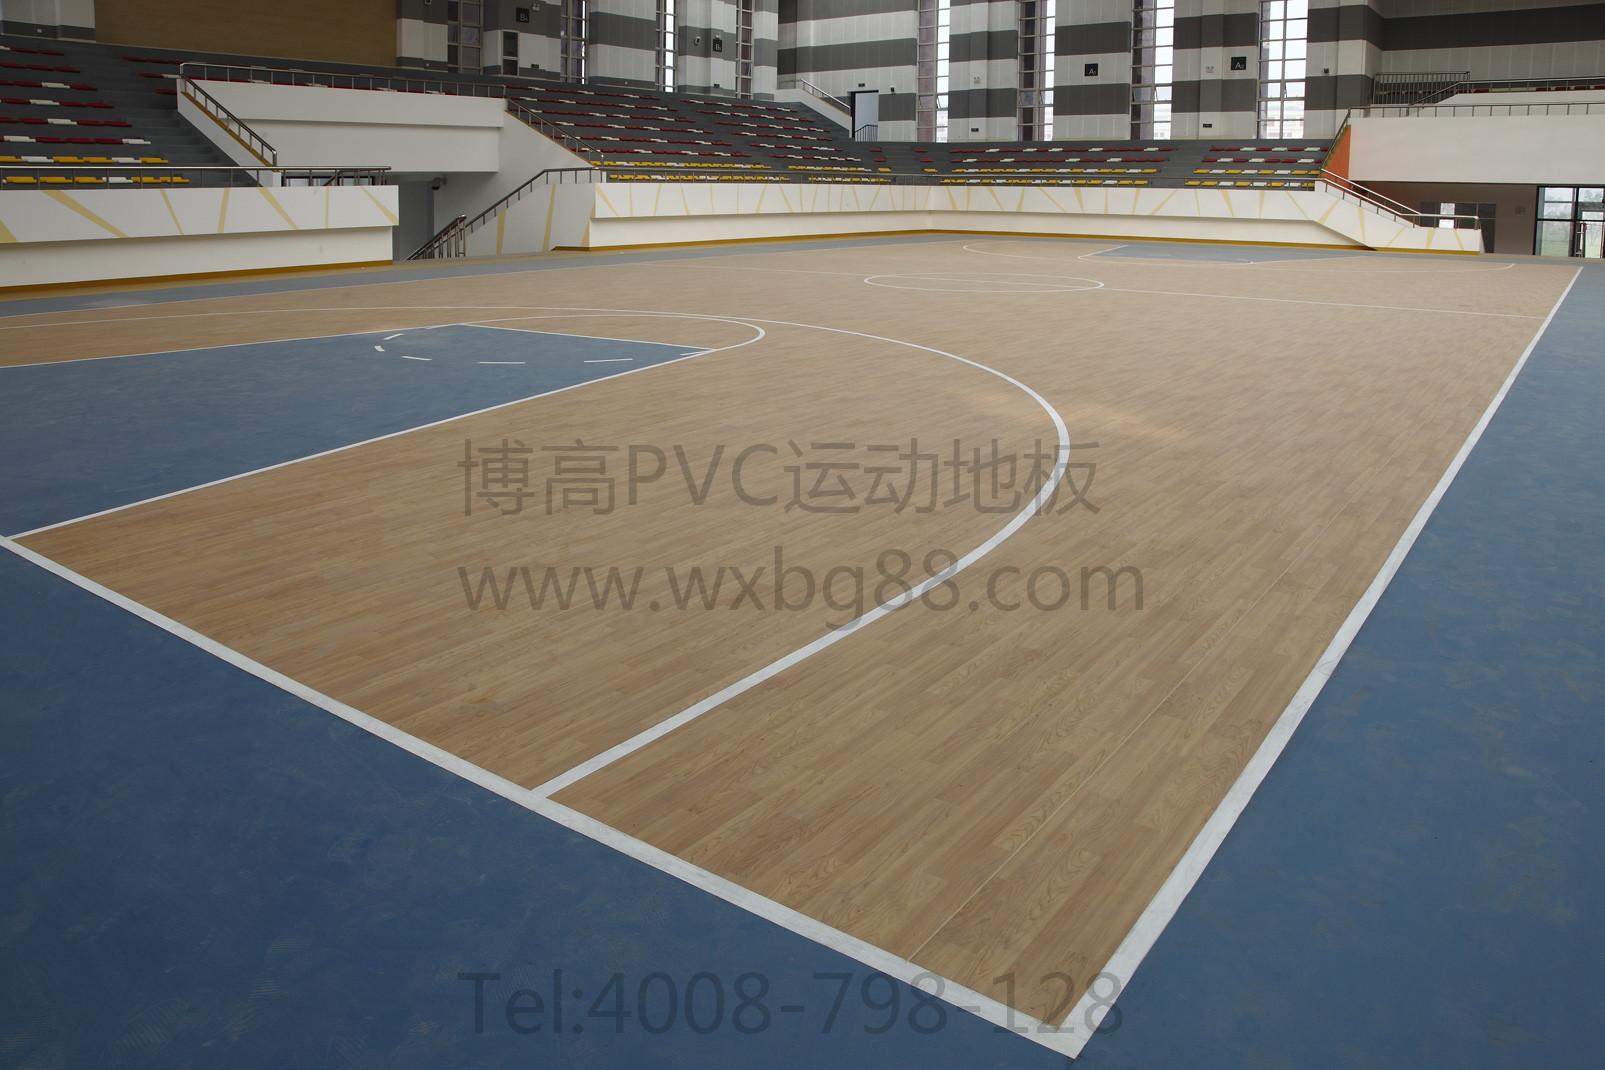 而在保养方面,篮球场pvc塑胶地板更是便捷,只需用微湿的拖把进行地面